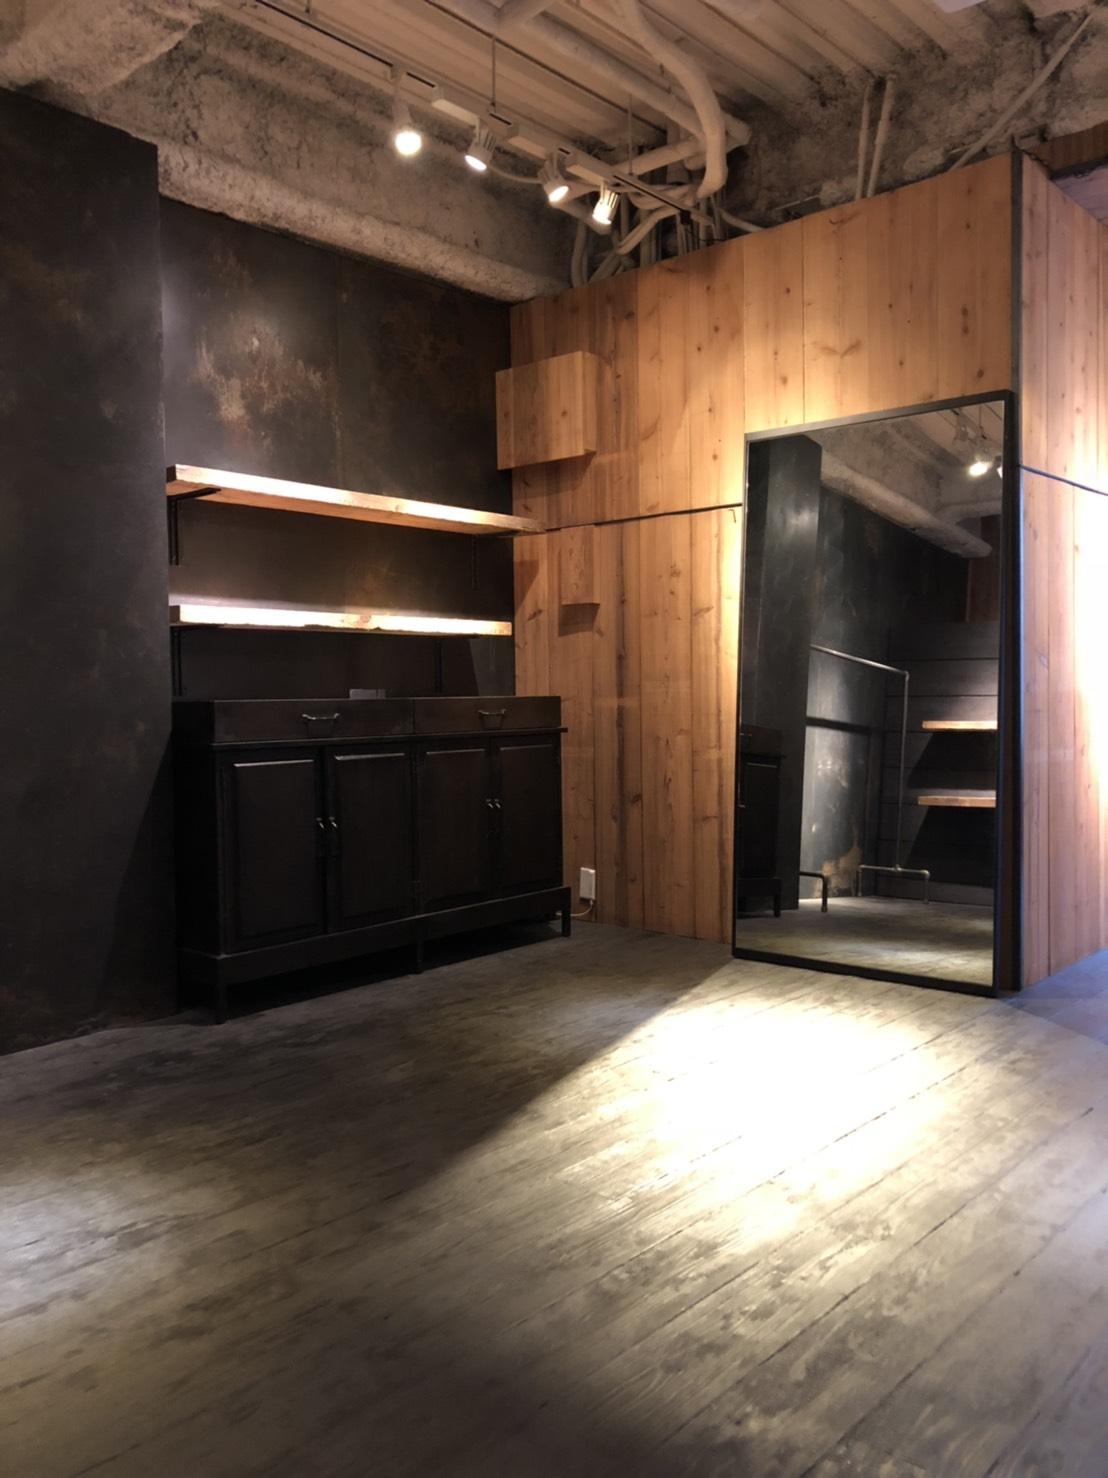 ヴィンテージ古材の棚や什器を完備